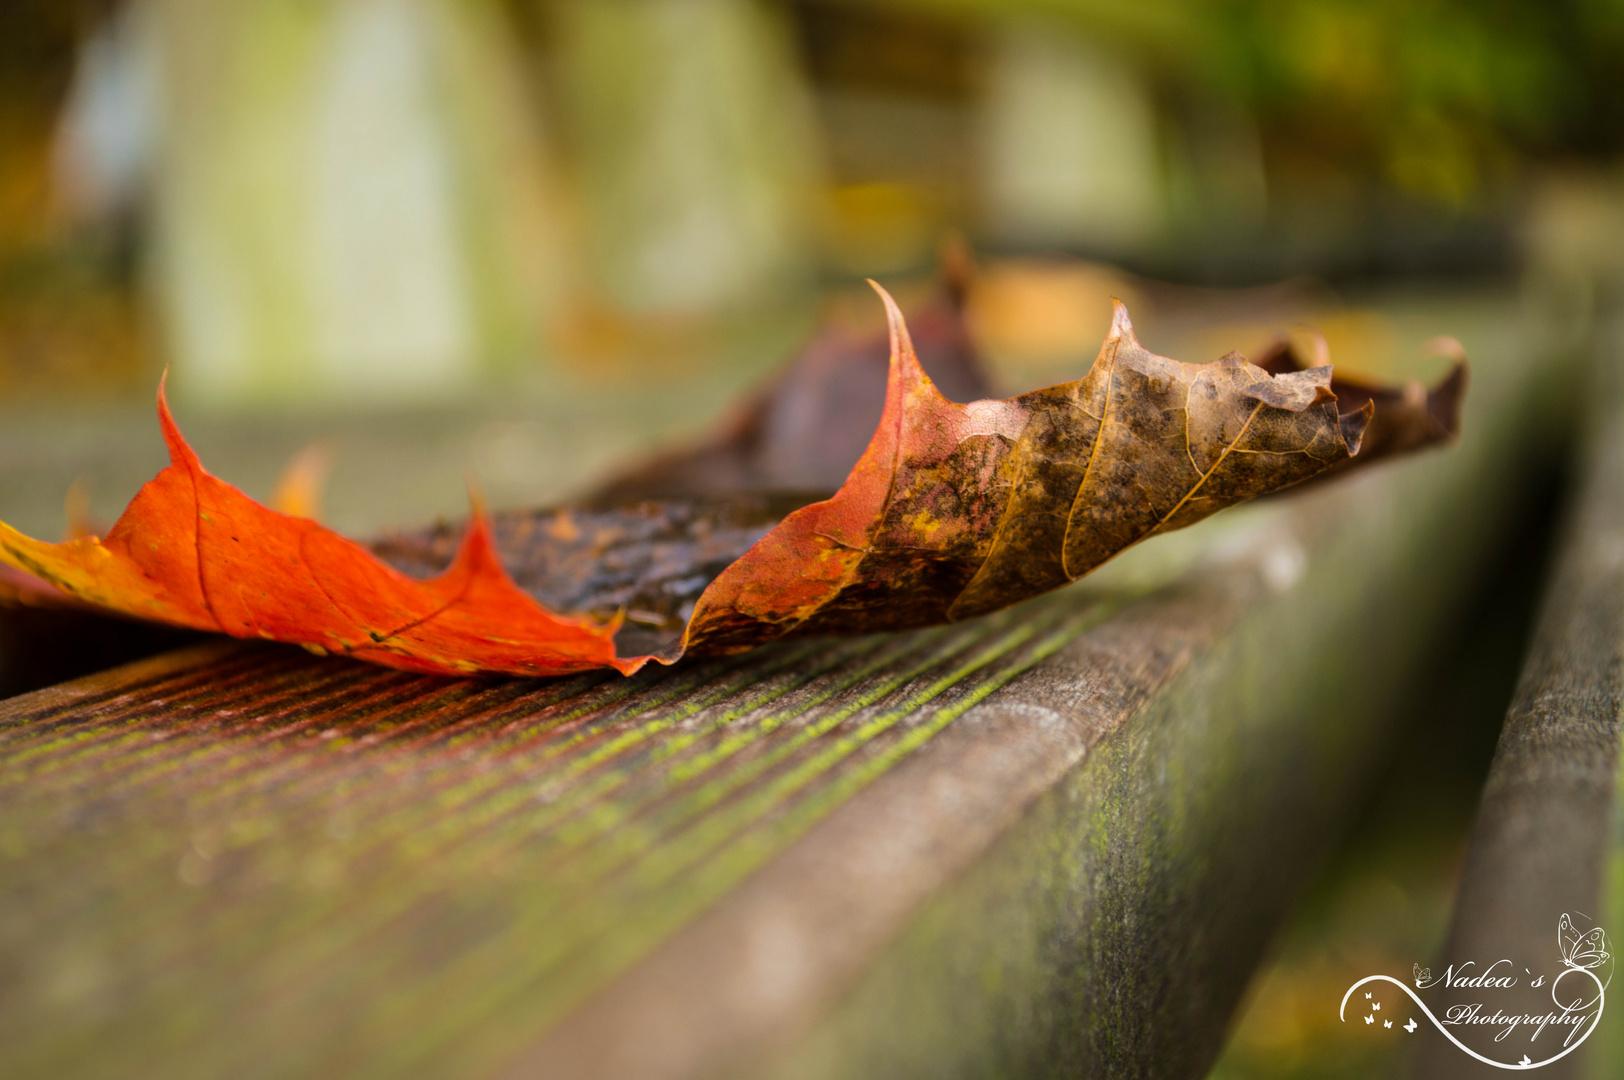 Herbstliche Momente